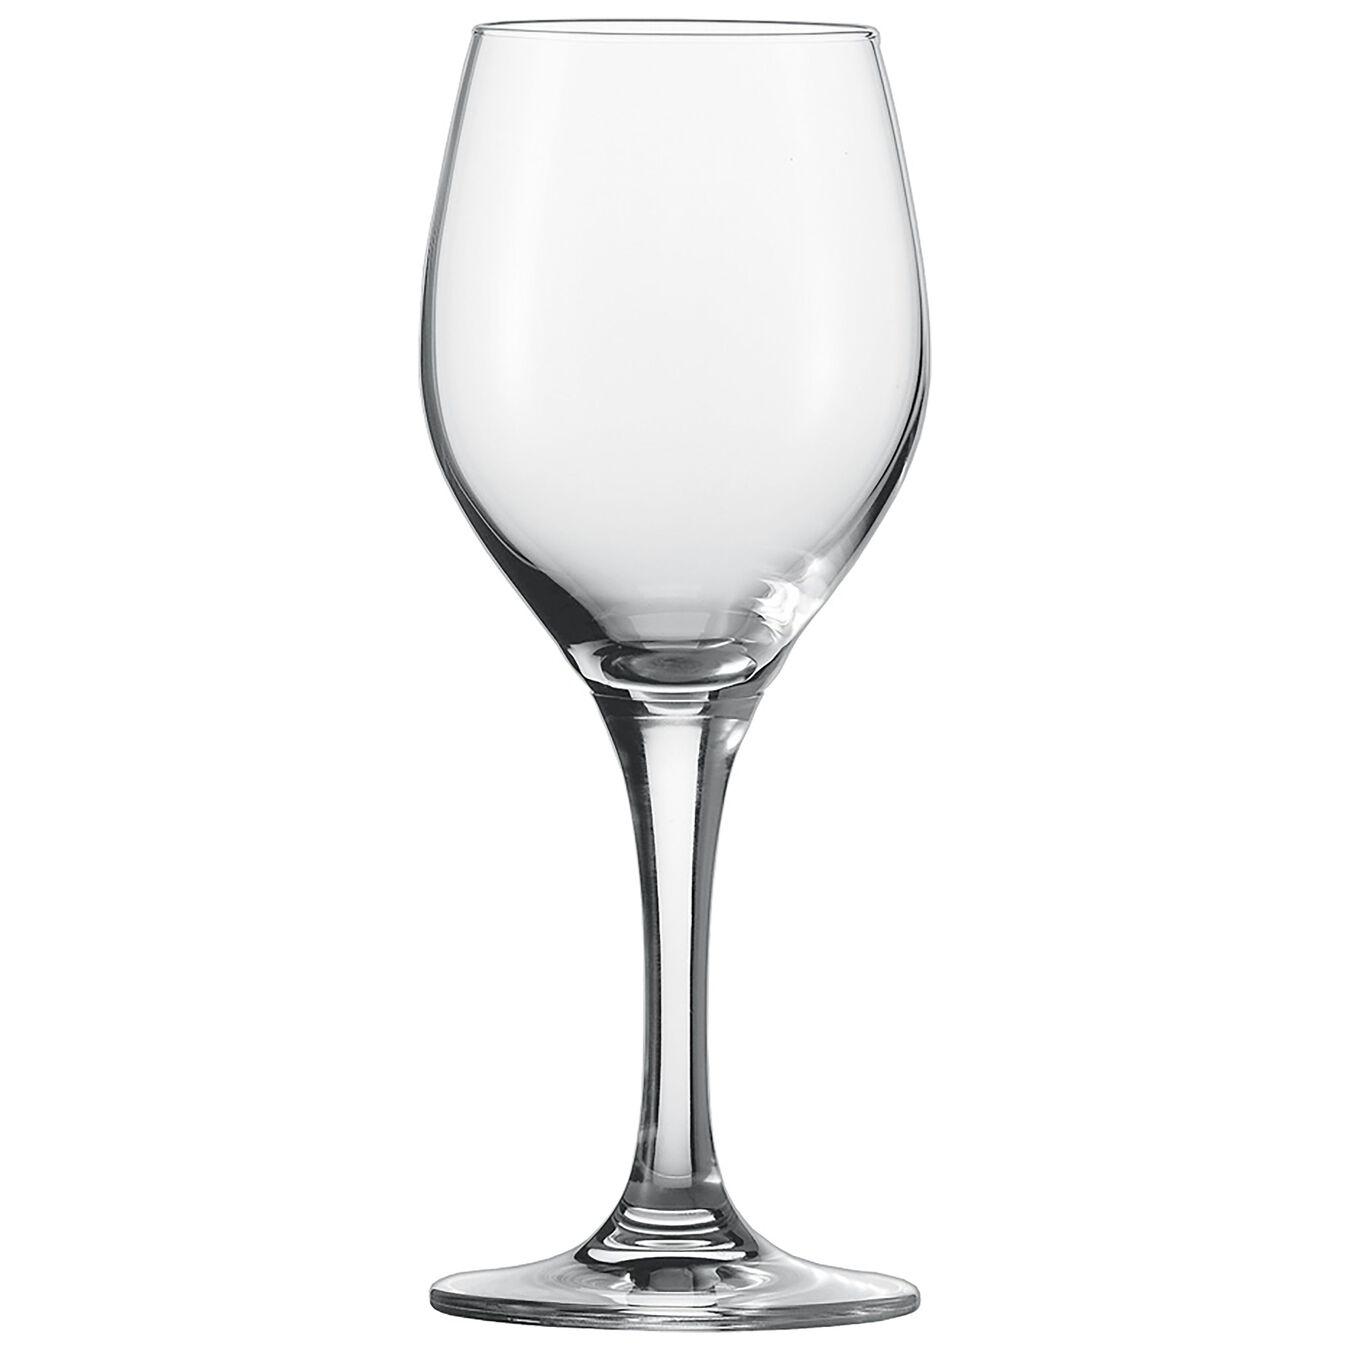 Beyaz Şarap Kadehi, 270 ml,,large 1